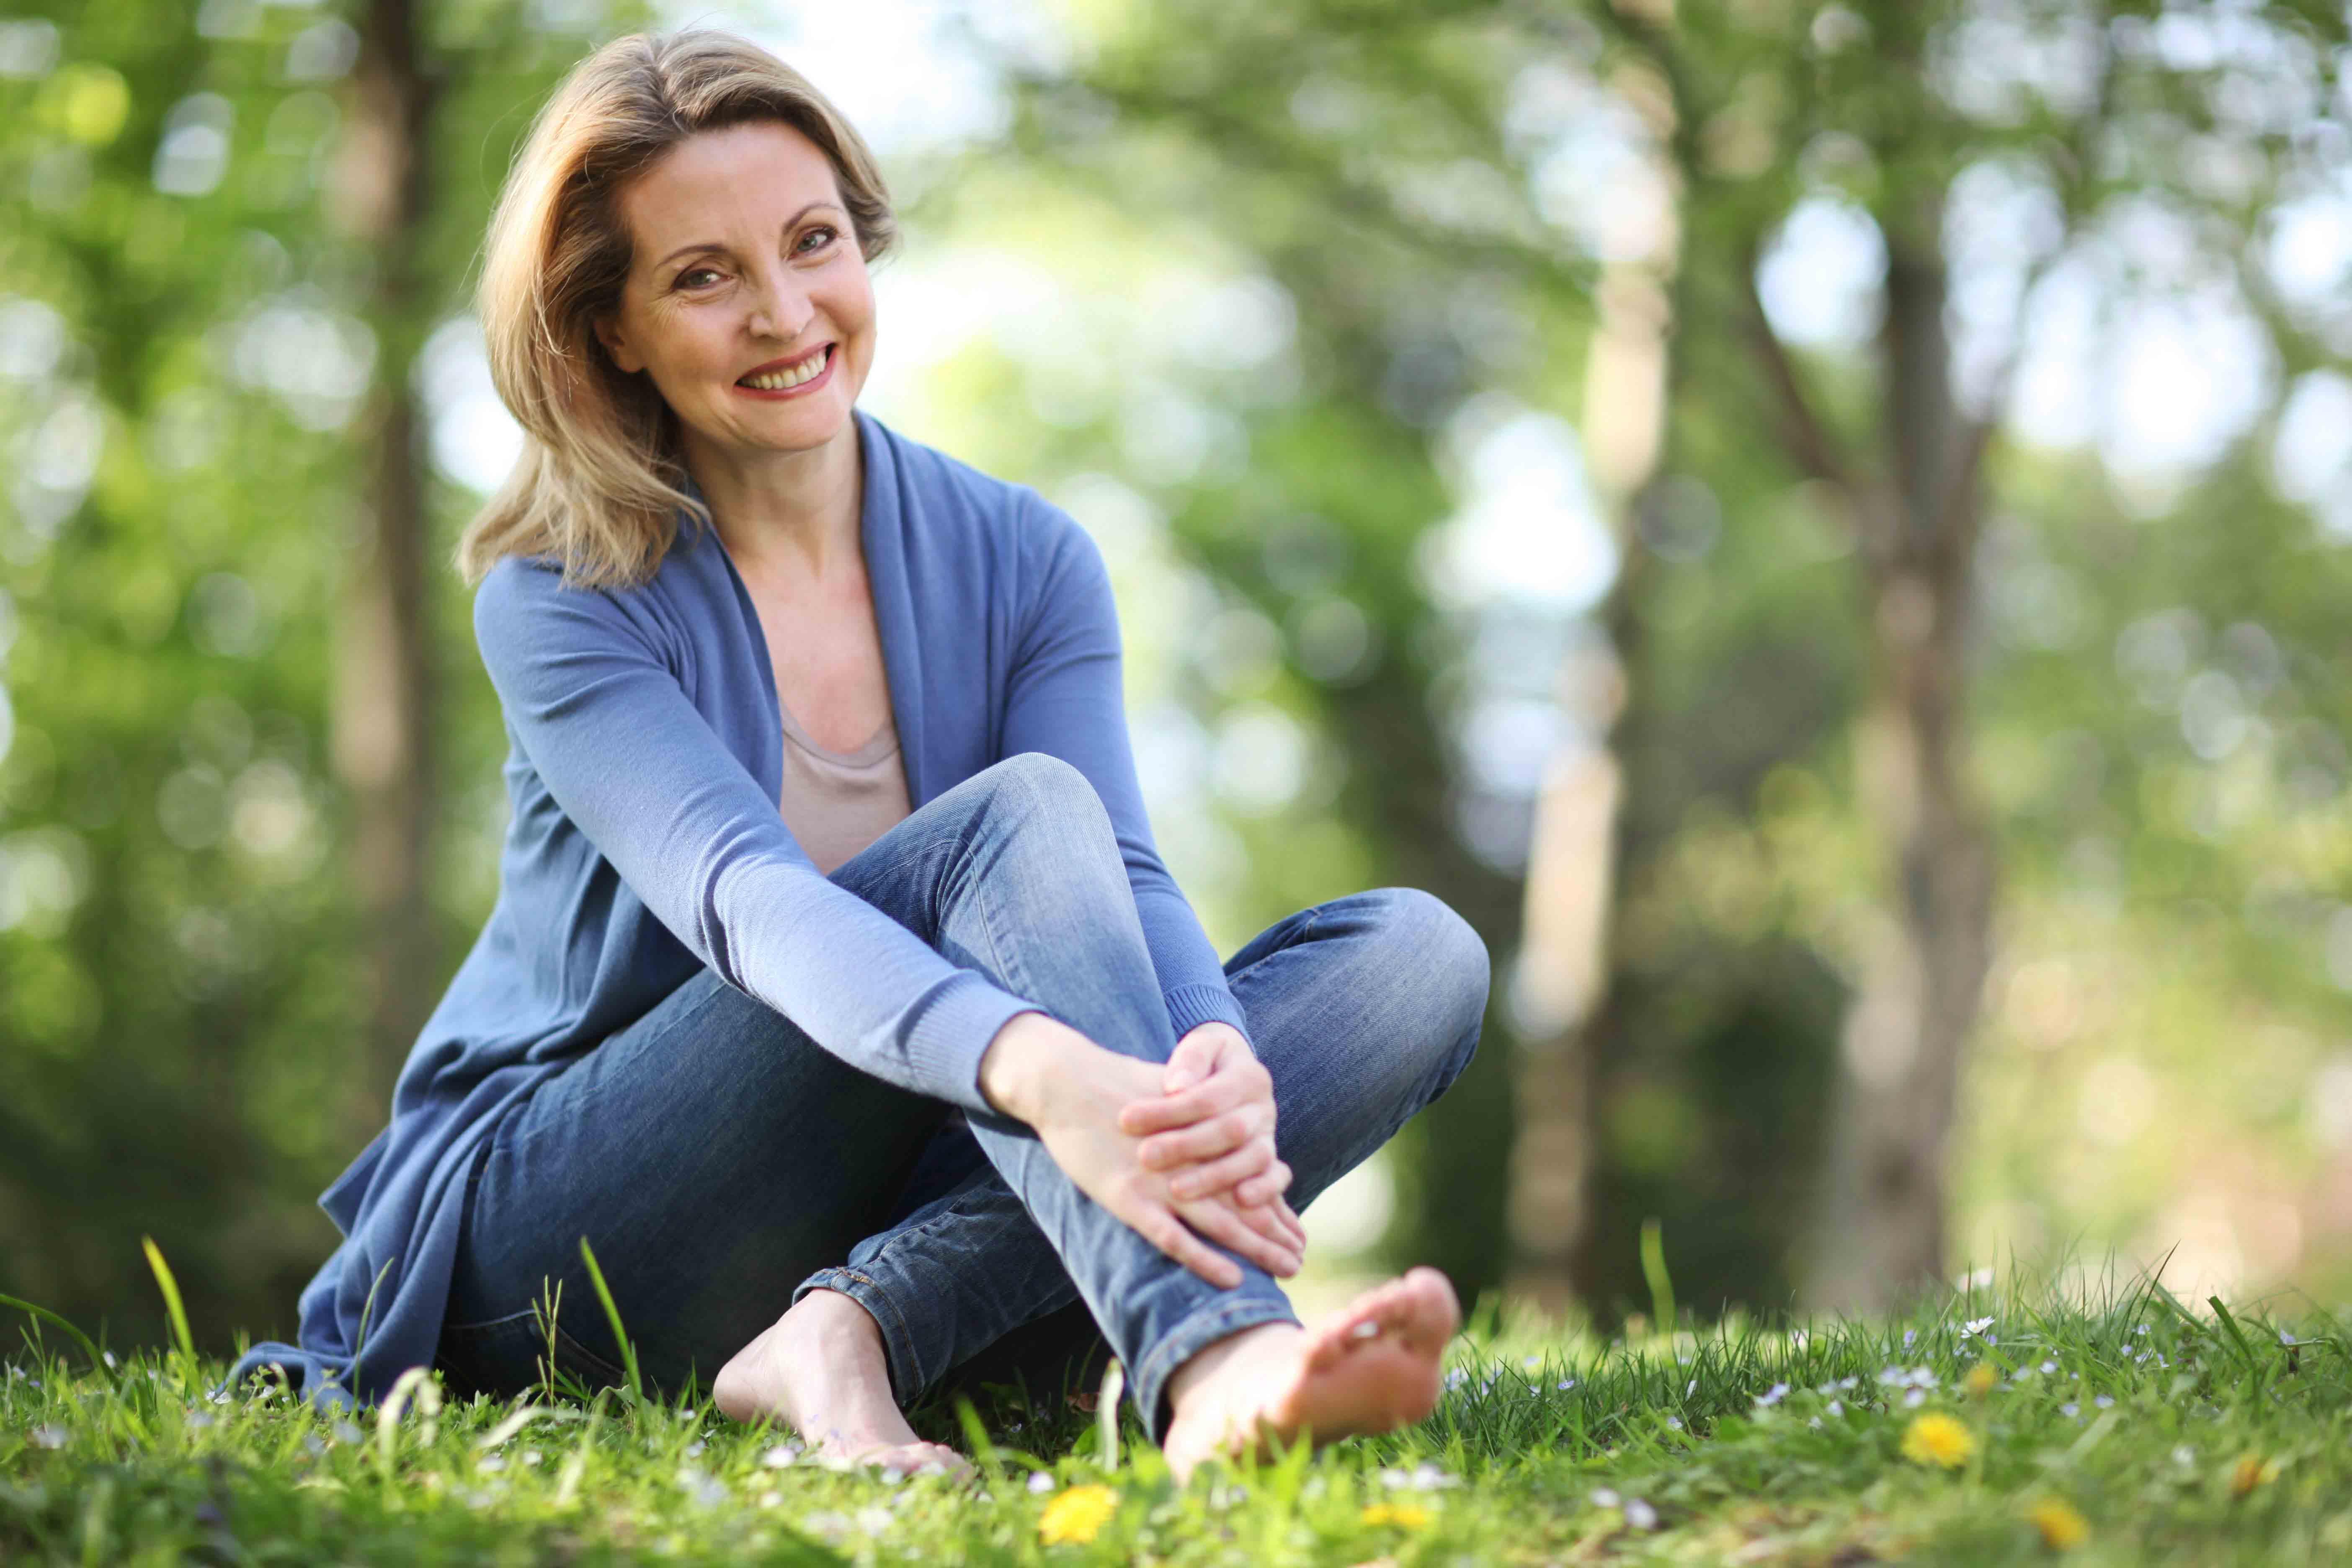 Dona menopausica